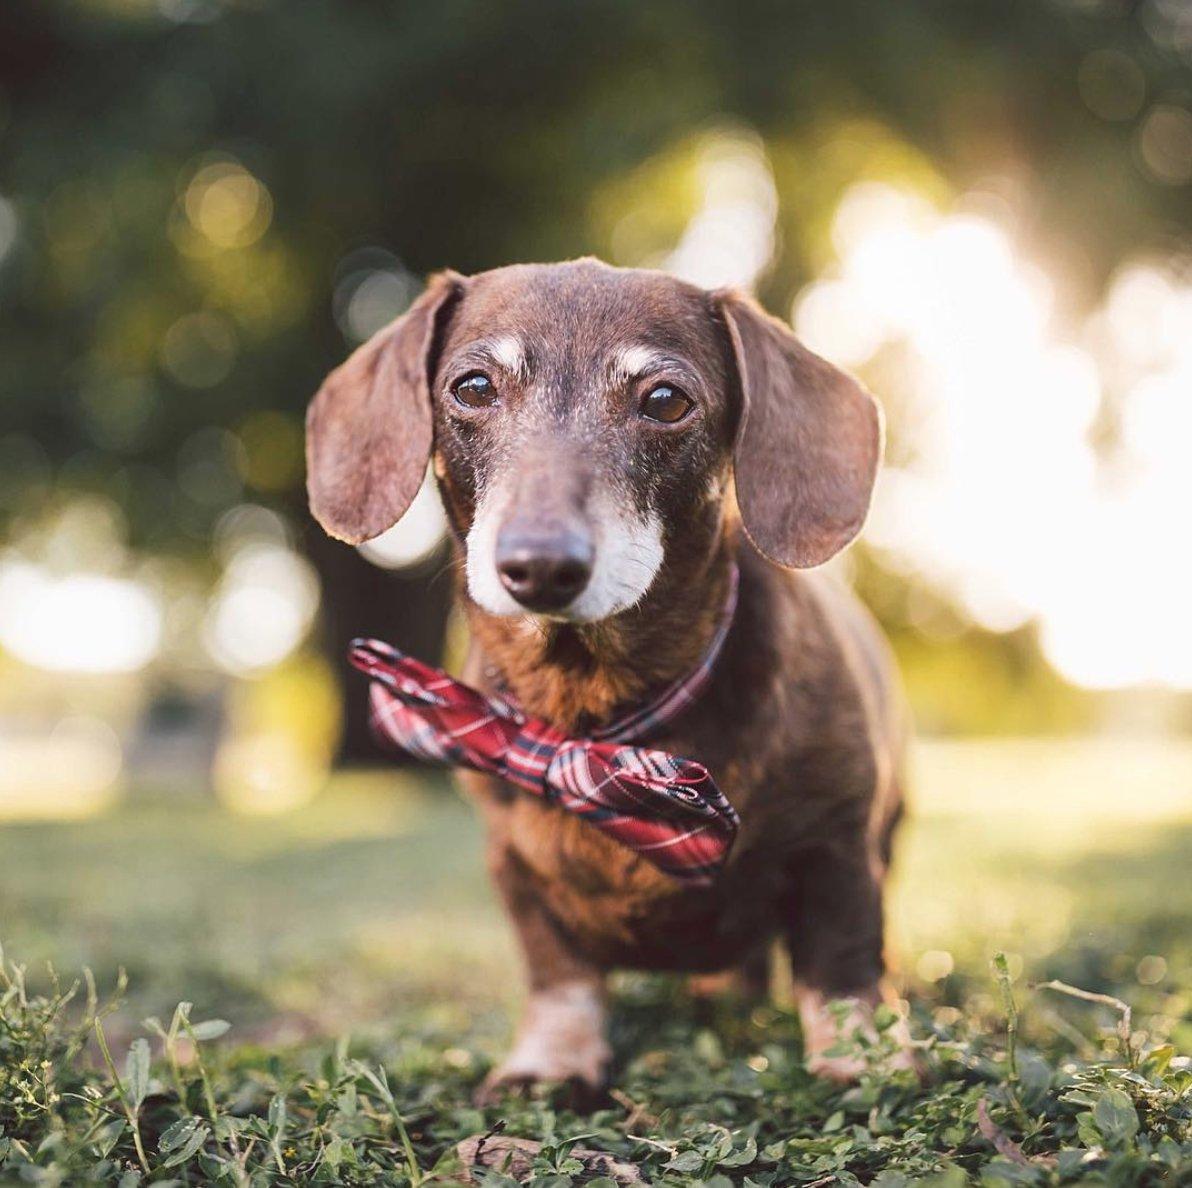 Já tem pelos brancos ao redor do focinho do seu Cão? Sabia que eles ficam grisalhos pelos mesmos motivos que nós, humanos? Vem ler no blog!